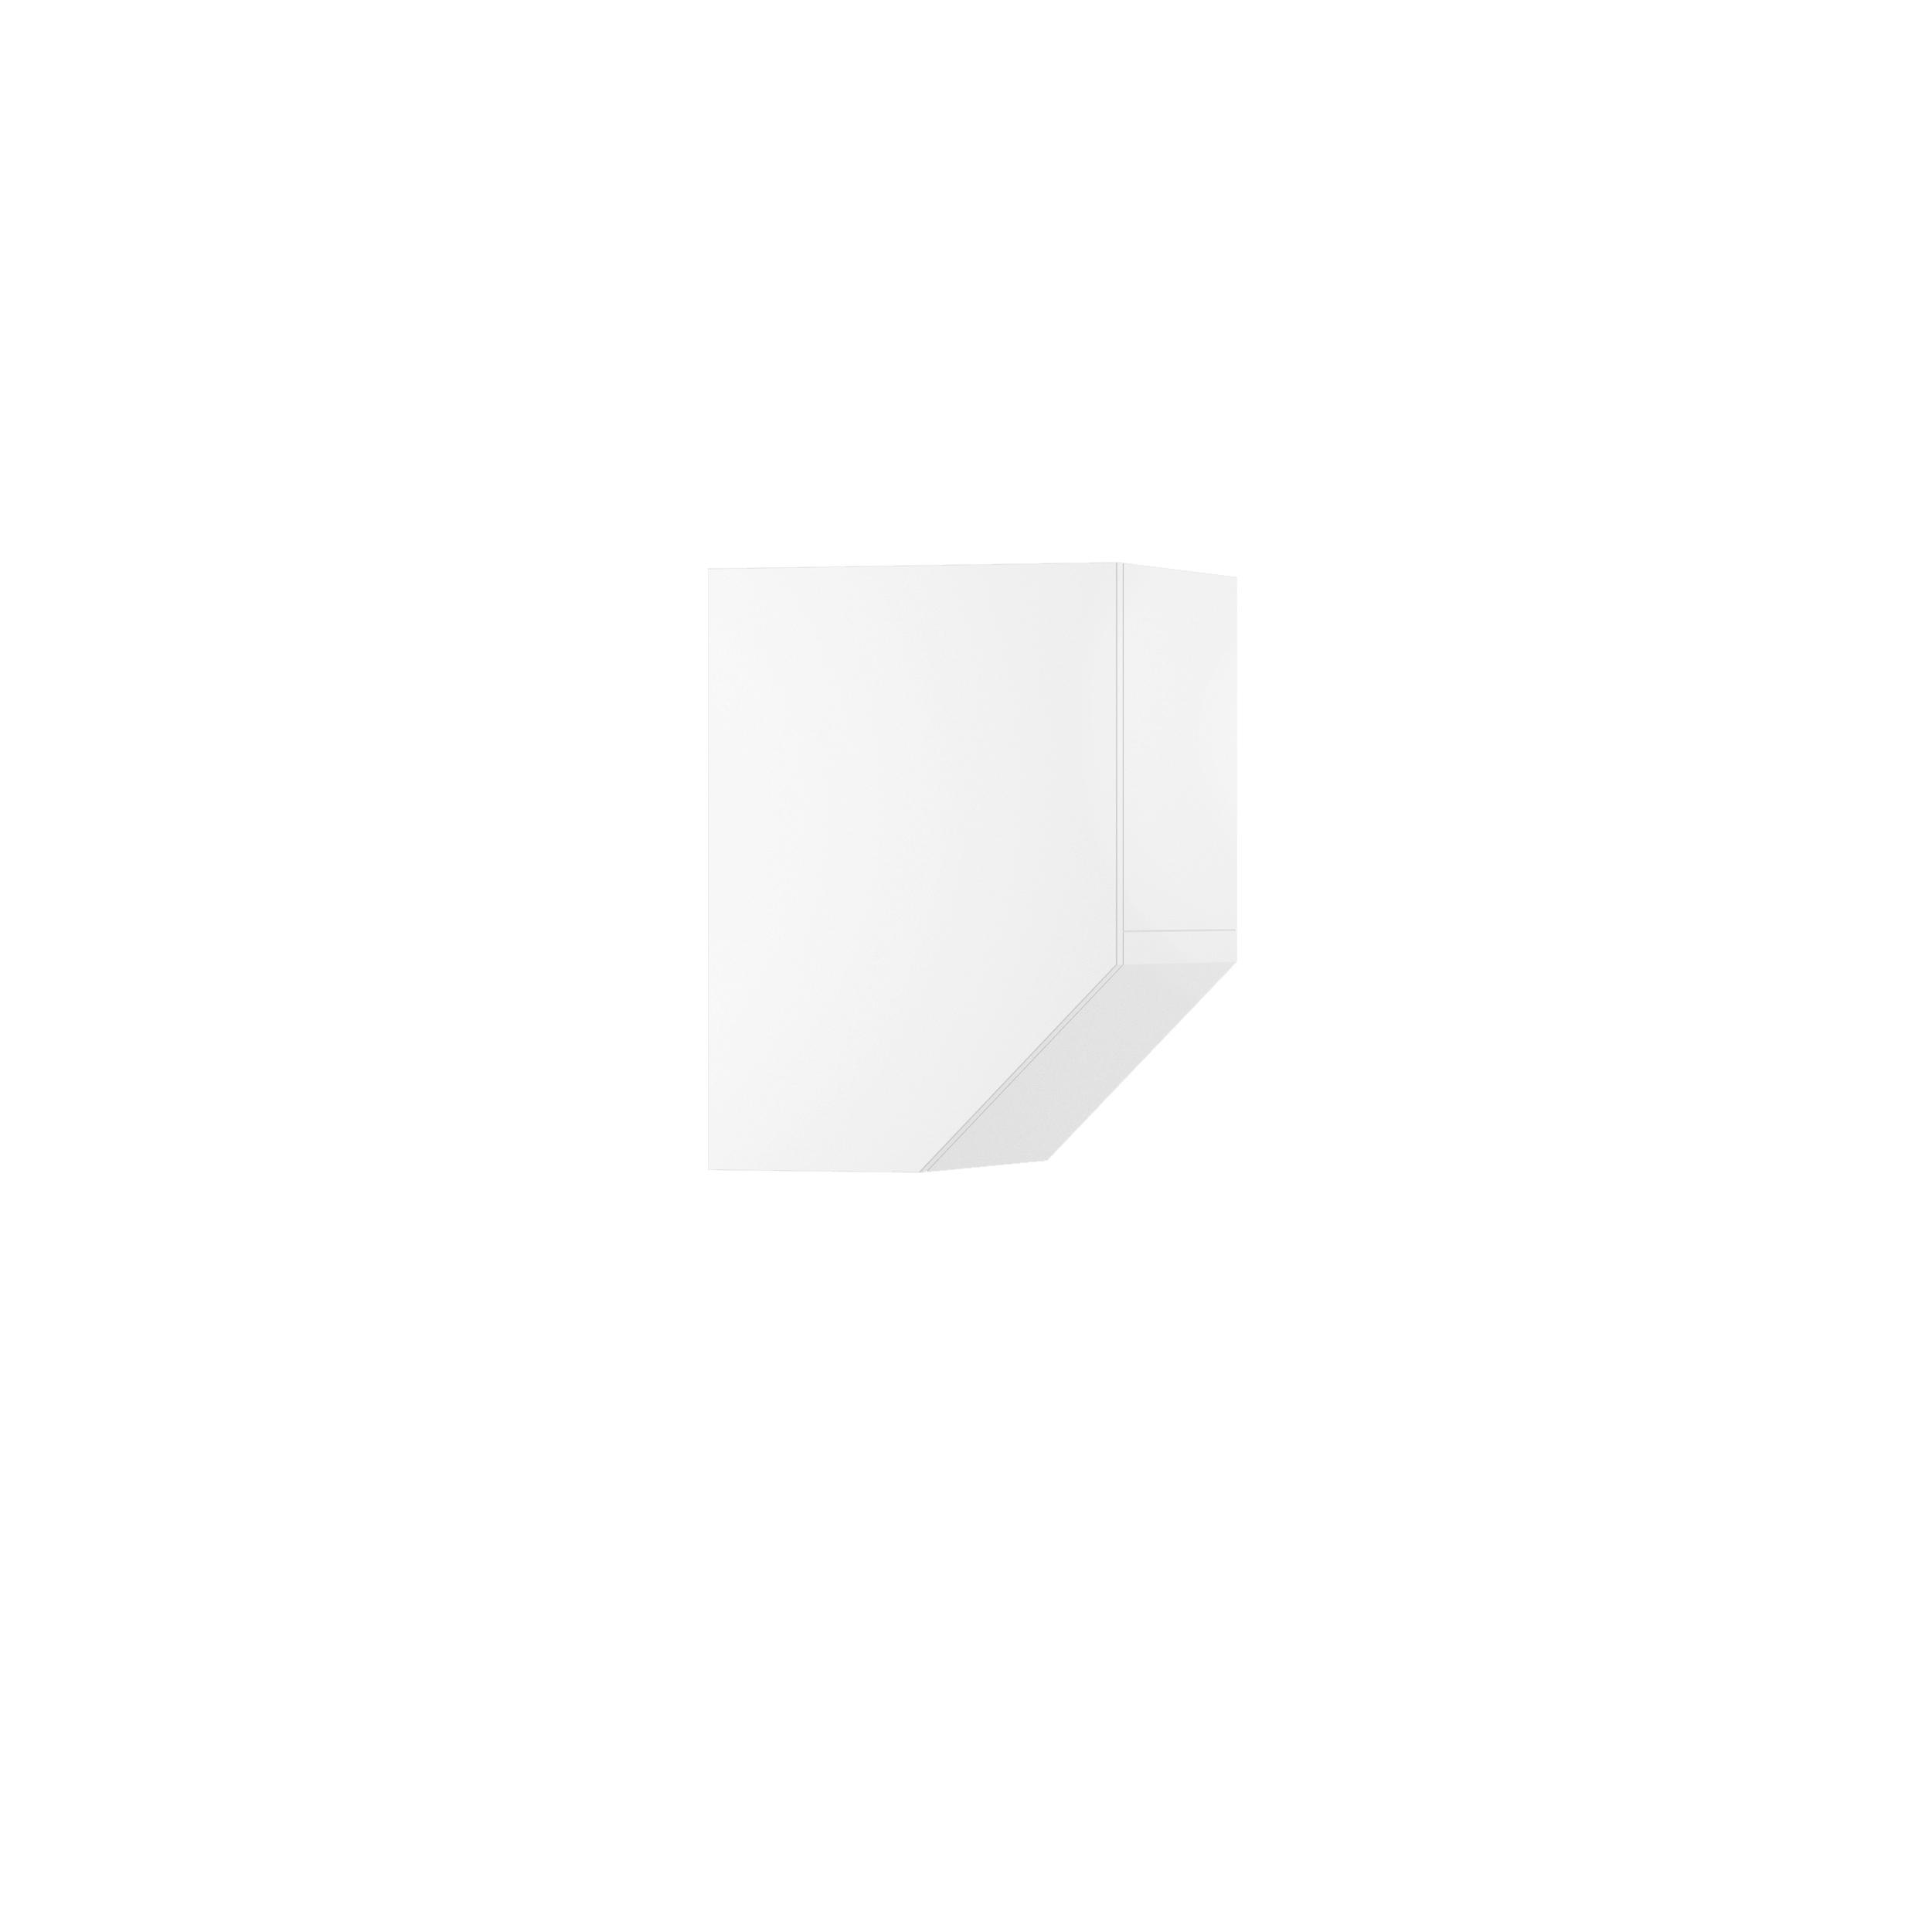 Dulap Modular Nook Right White  L42xl37xh58 Cm